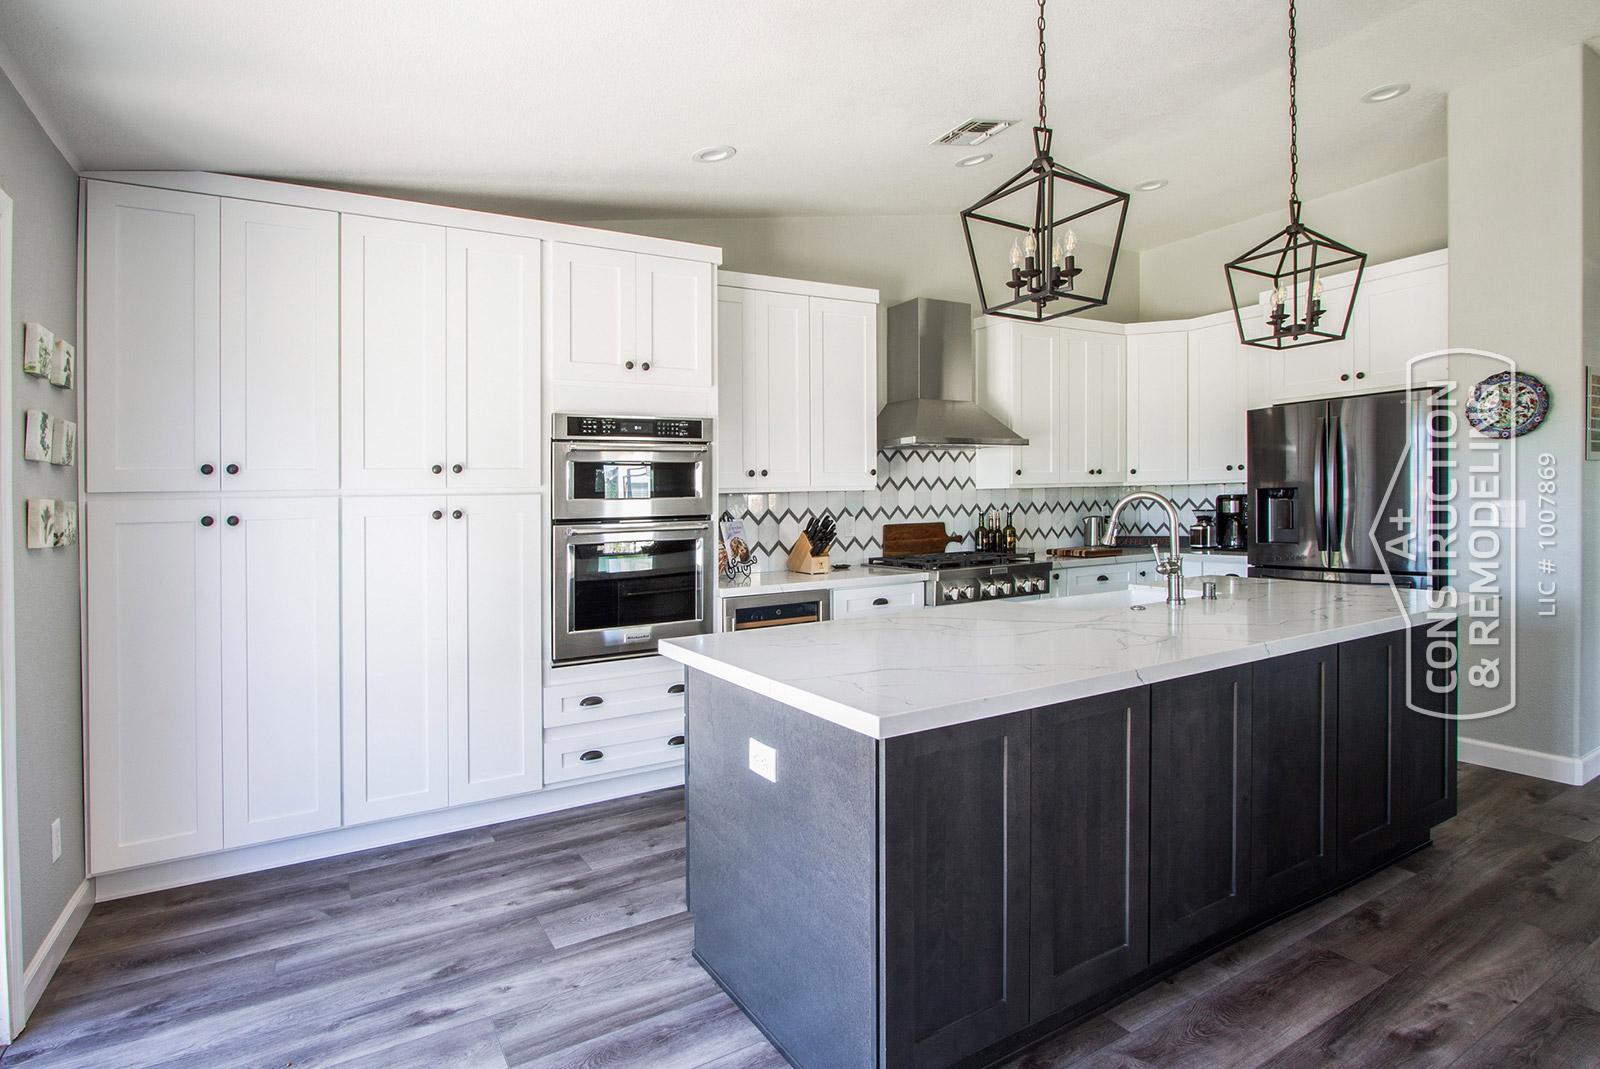 Landhausmöbel Stuttgart gemütlich shining kchen modern u form ideen innenarchitektur